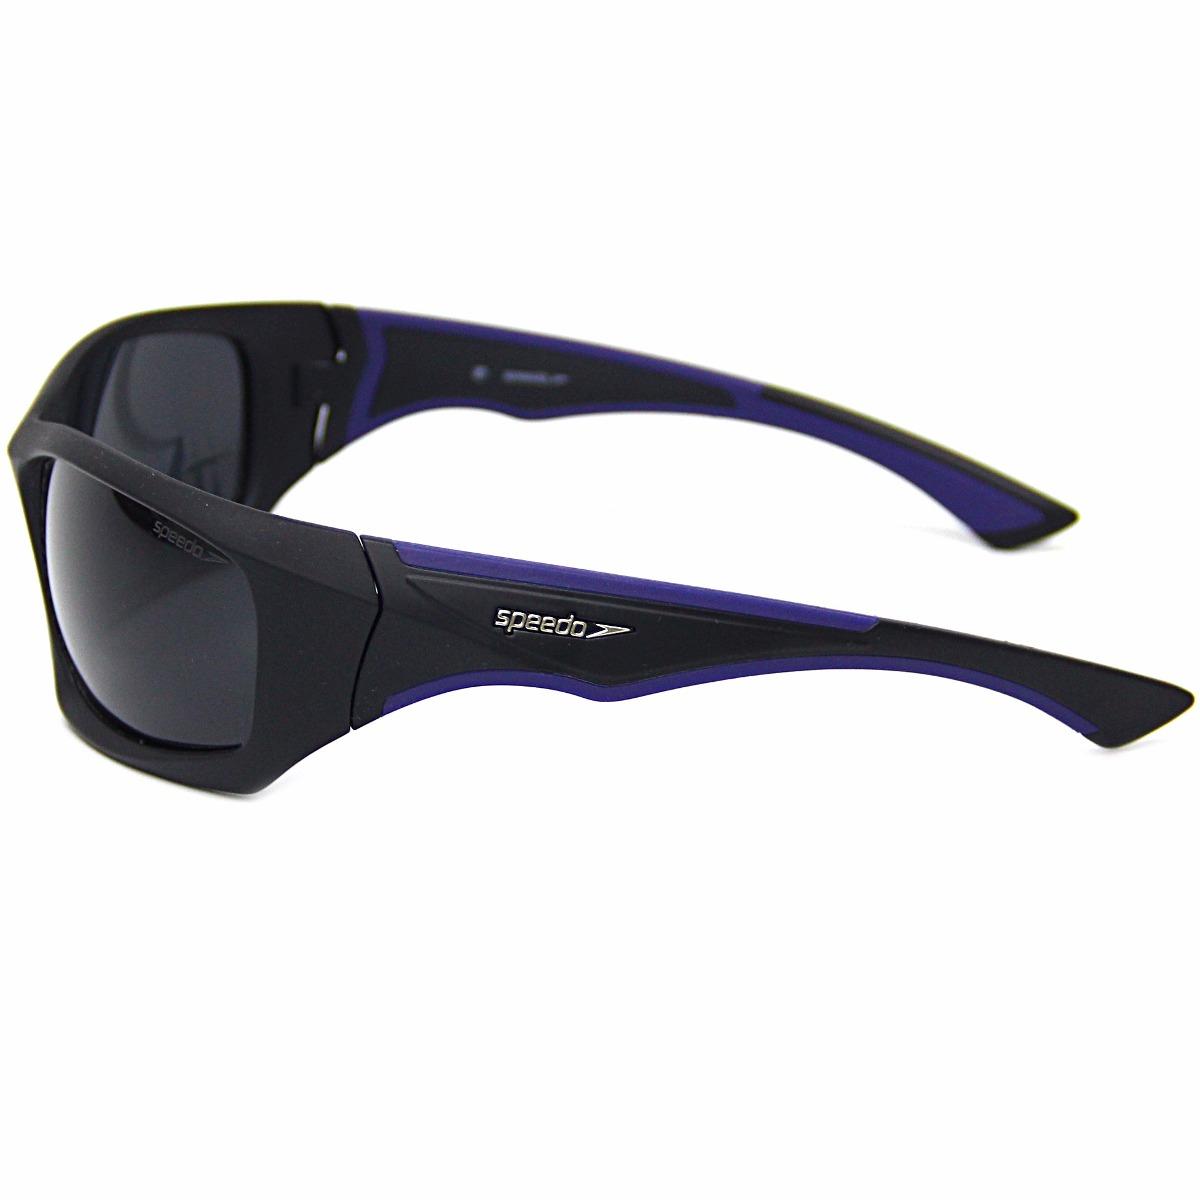 7f028e7de84ff óculos de sol speedo wave + lentes grau anti-reflexo. Carregando zoom.